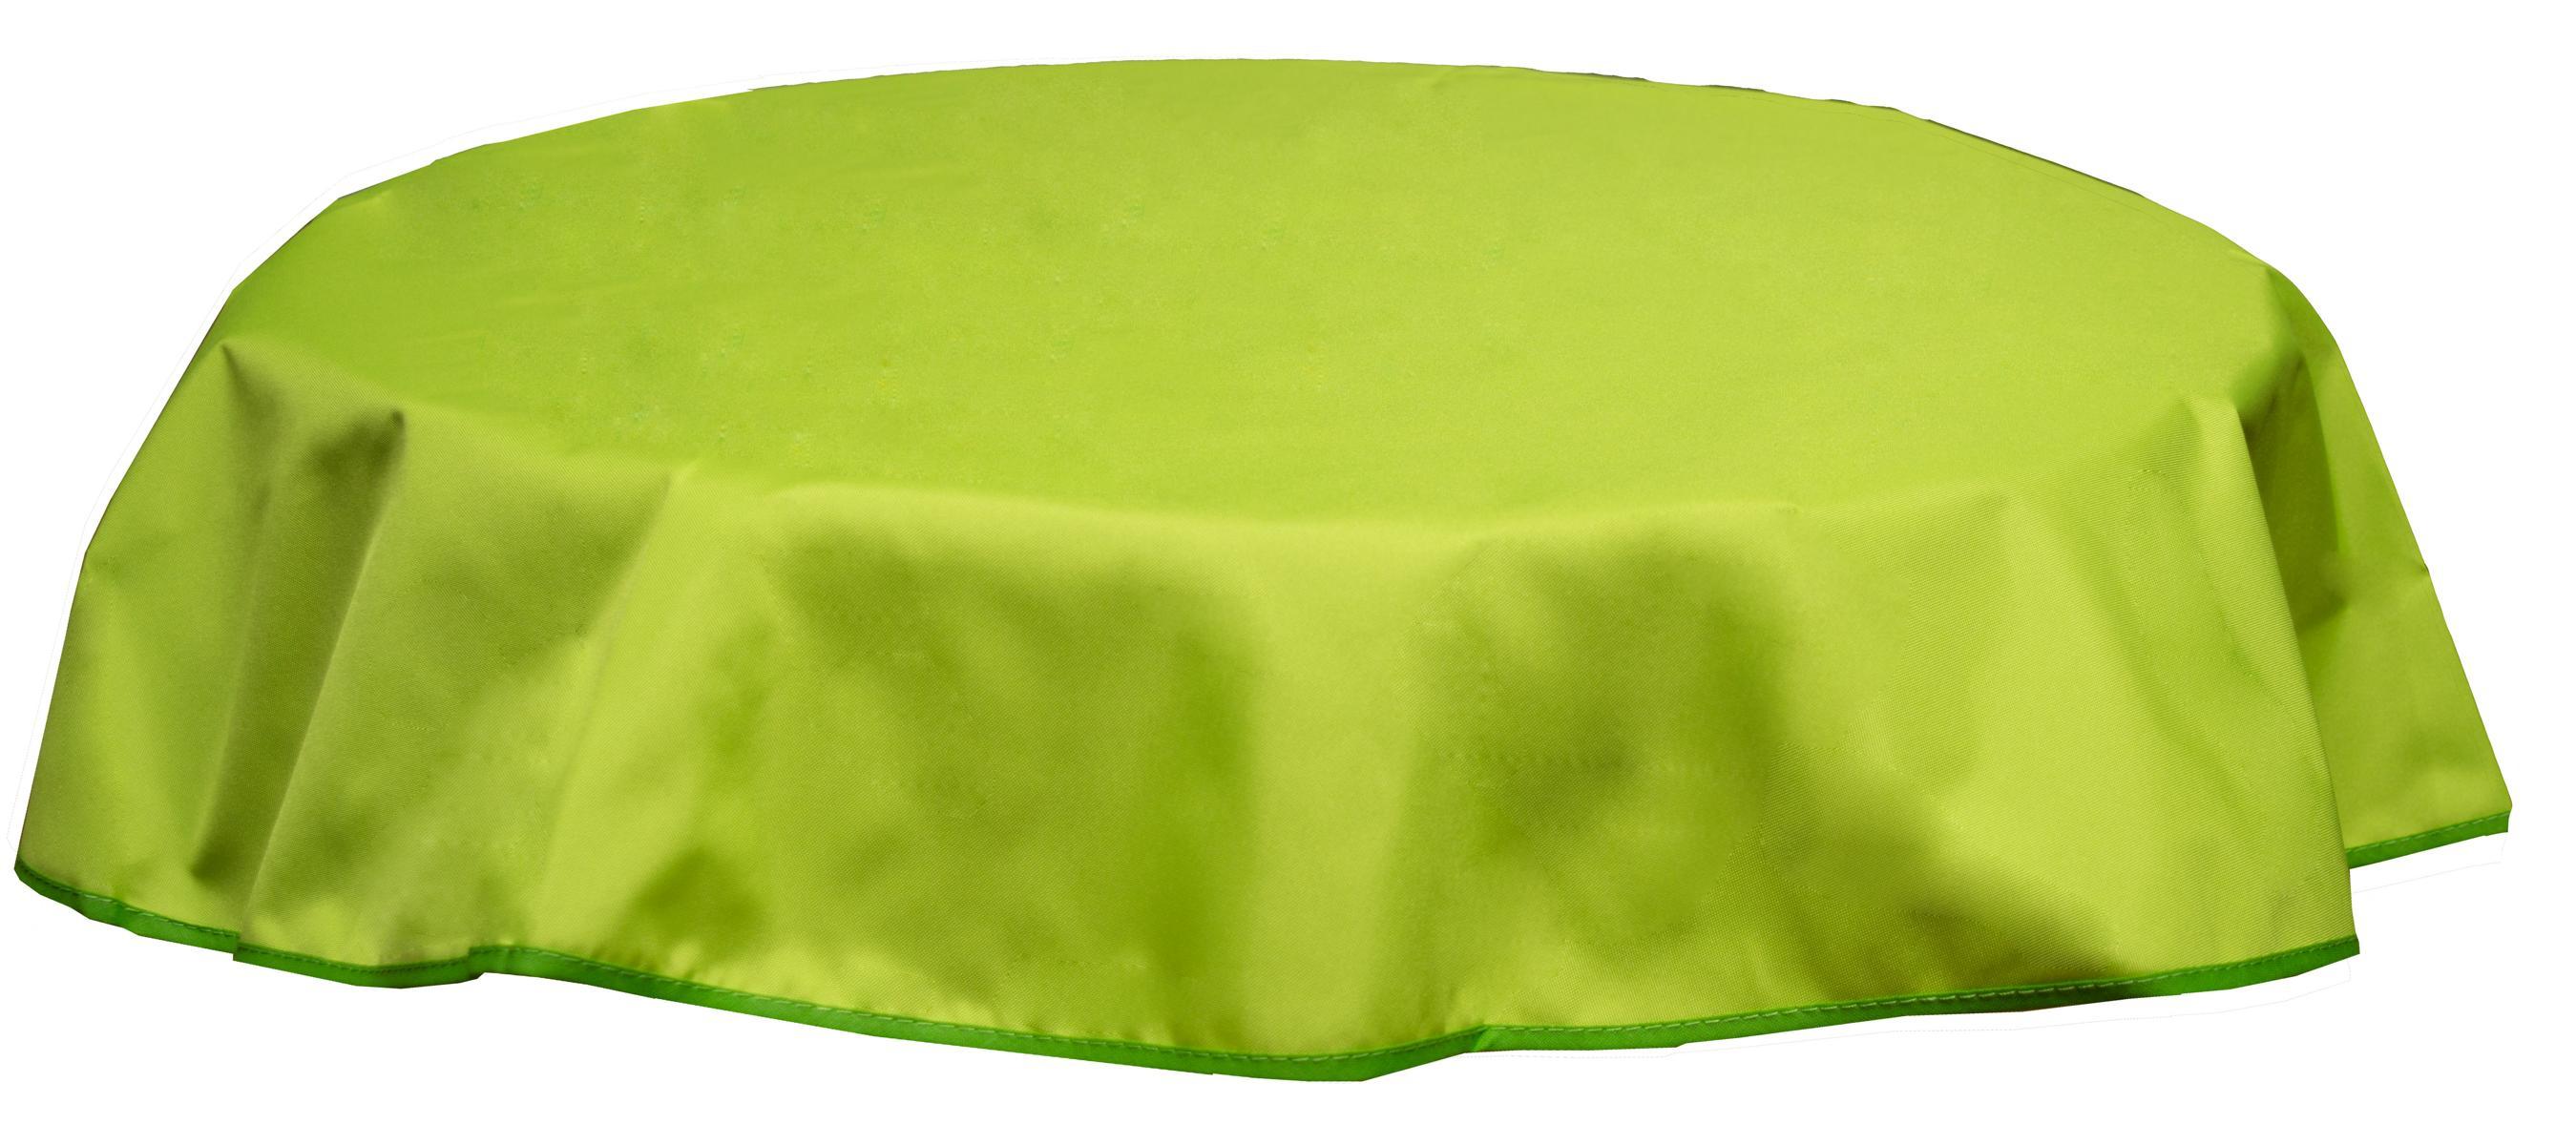 Runde Tischdecke 120cm wasserabweisend 100% Polyester in hellgrün